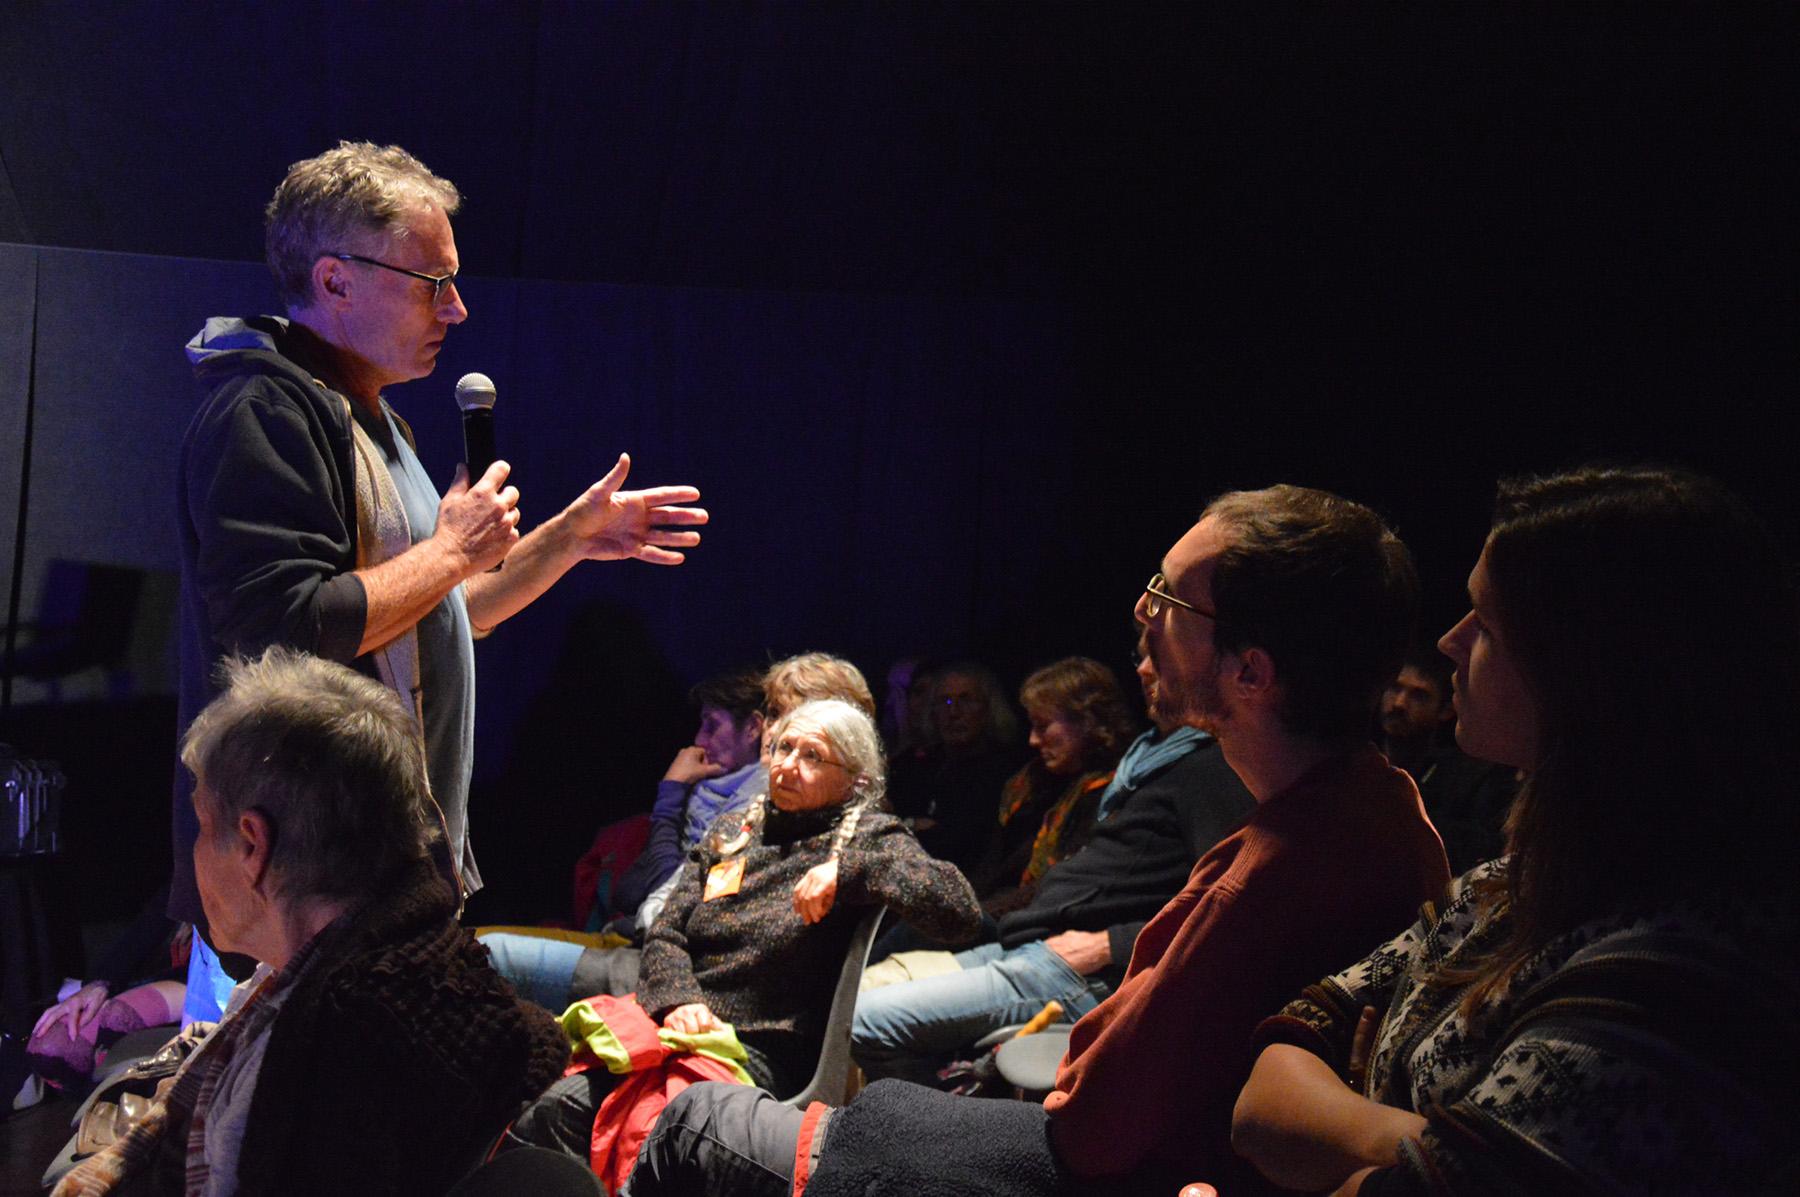 Festival du film documentaire - association echos-ci echos-la